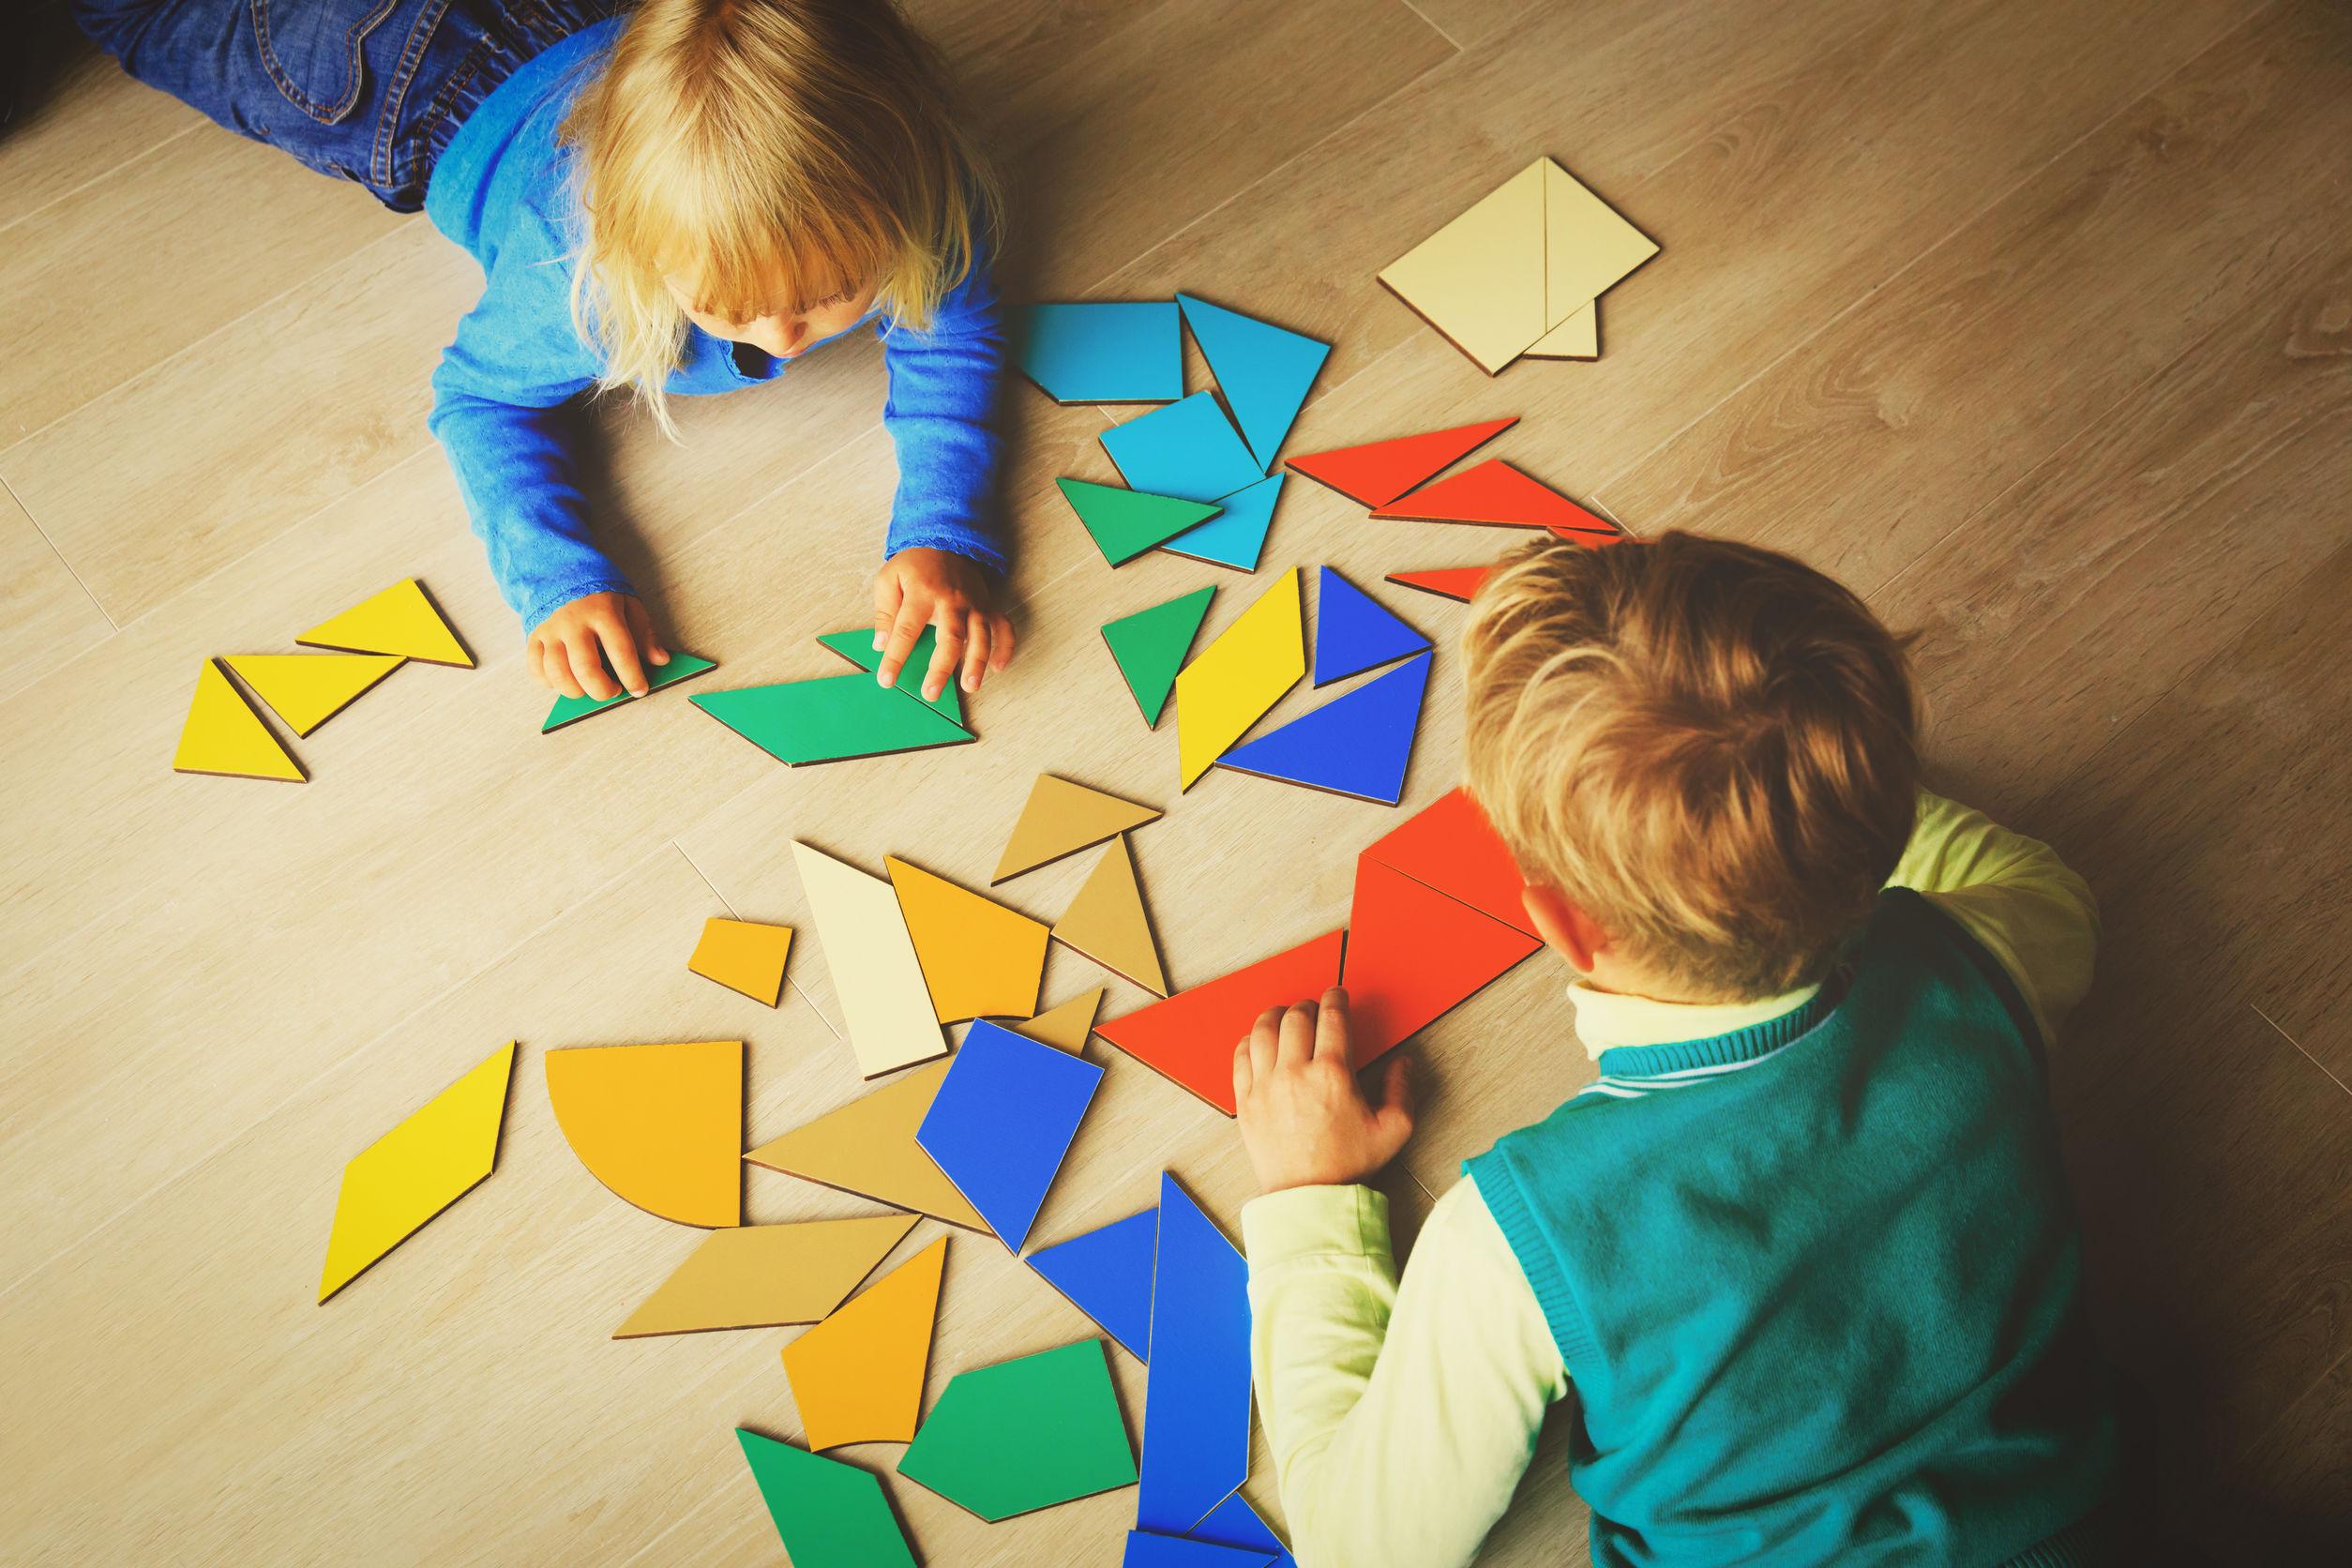 niños jugando con puzzle